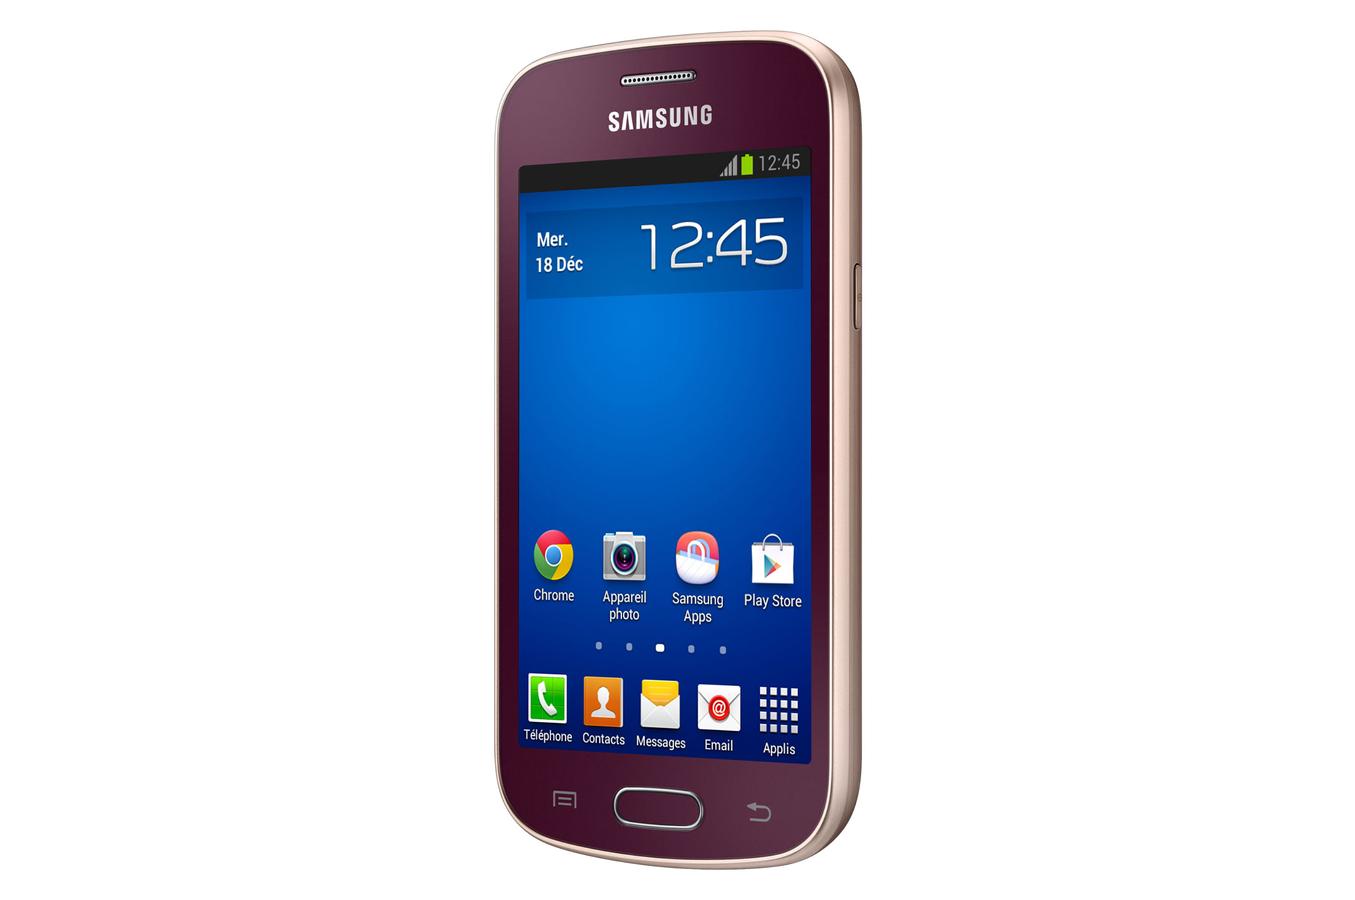 Smartphone samsung galaxy trend lite rouge galaxy trend lite 4016238 darty - Telephone portable samsung galaxy trend lite ...